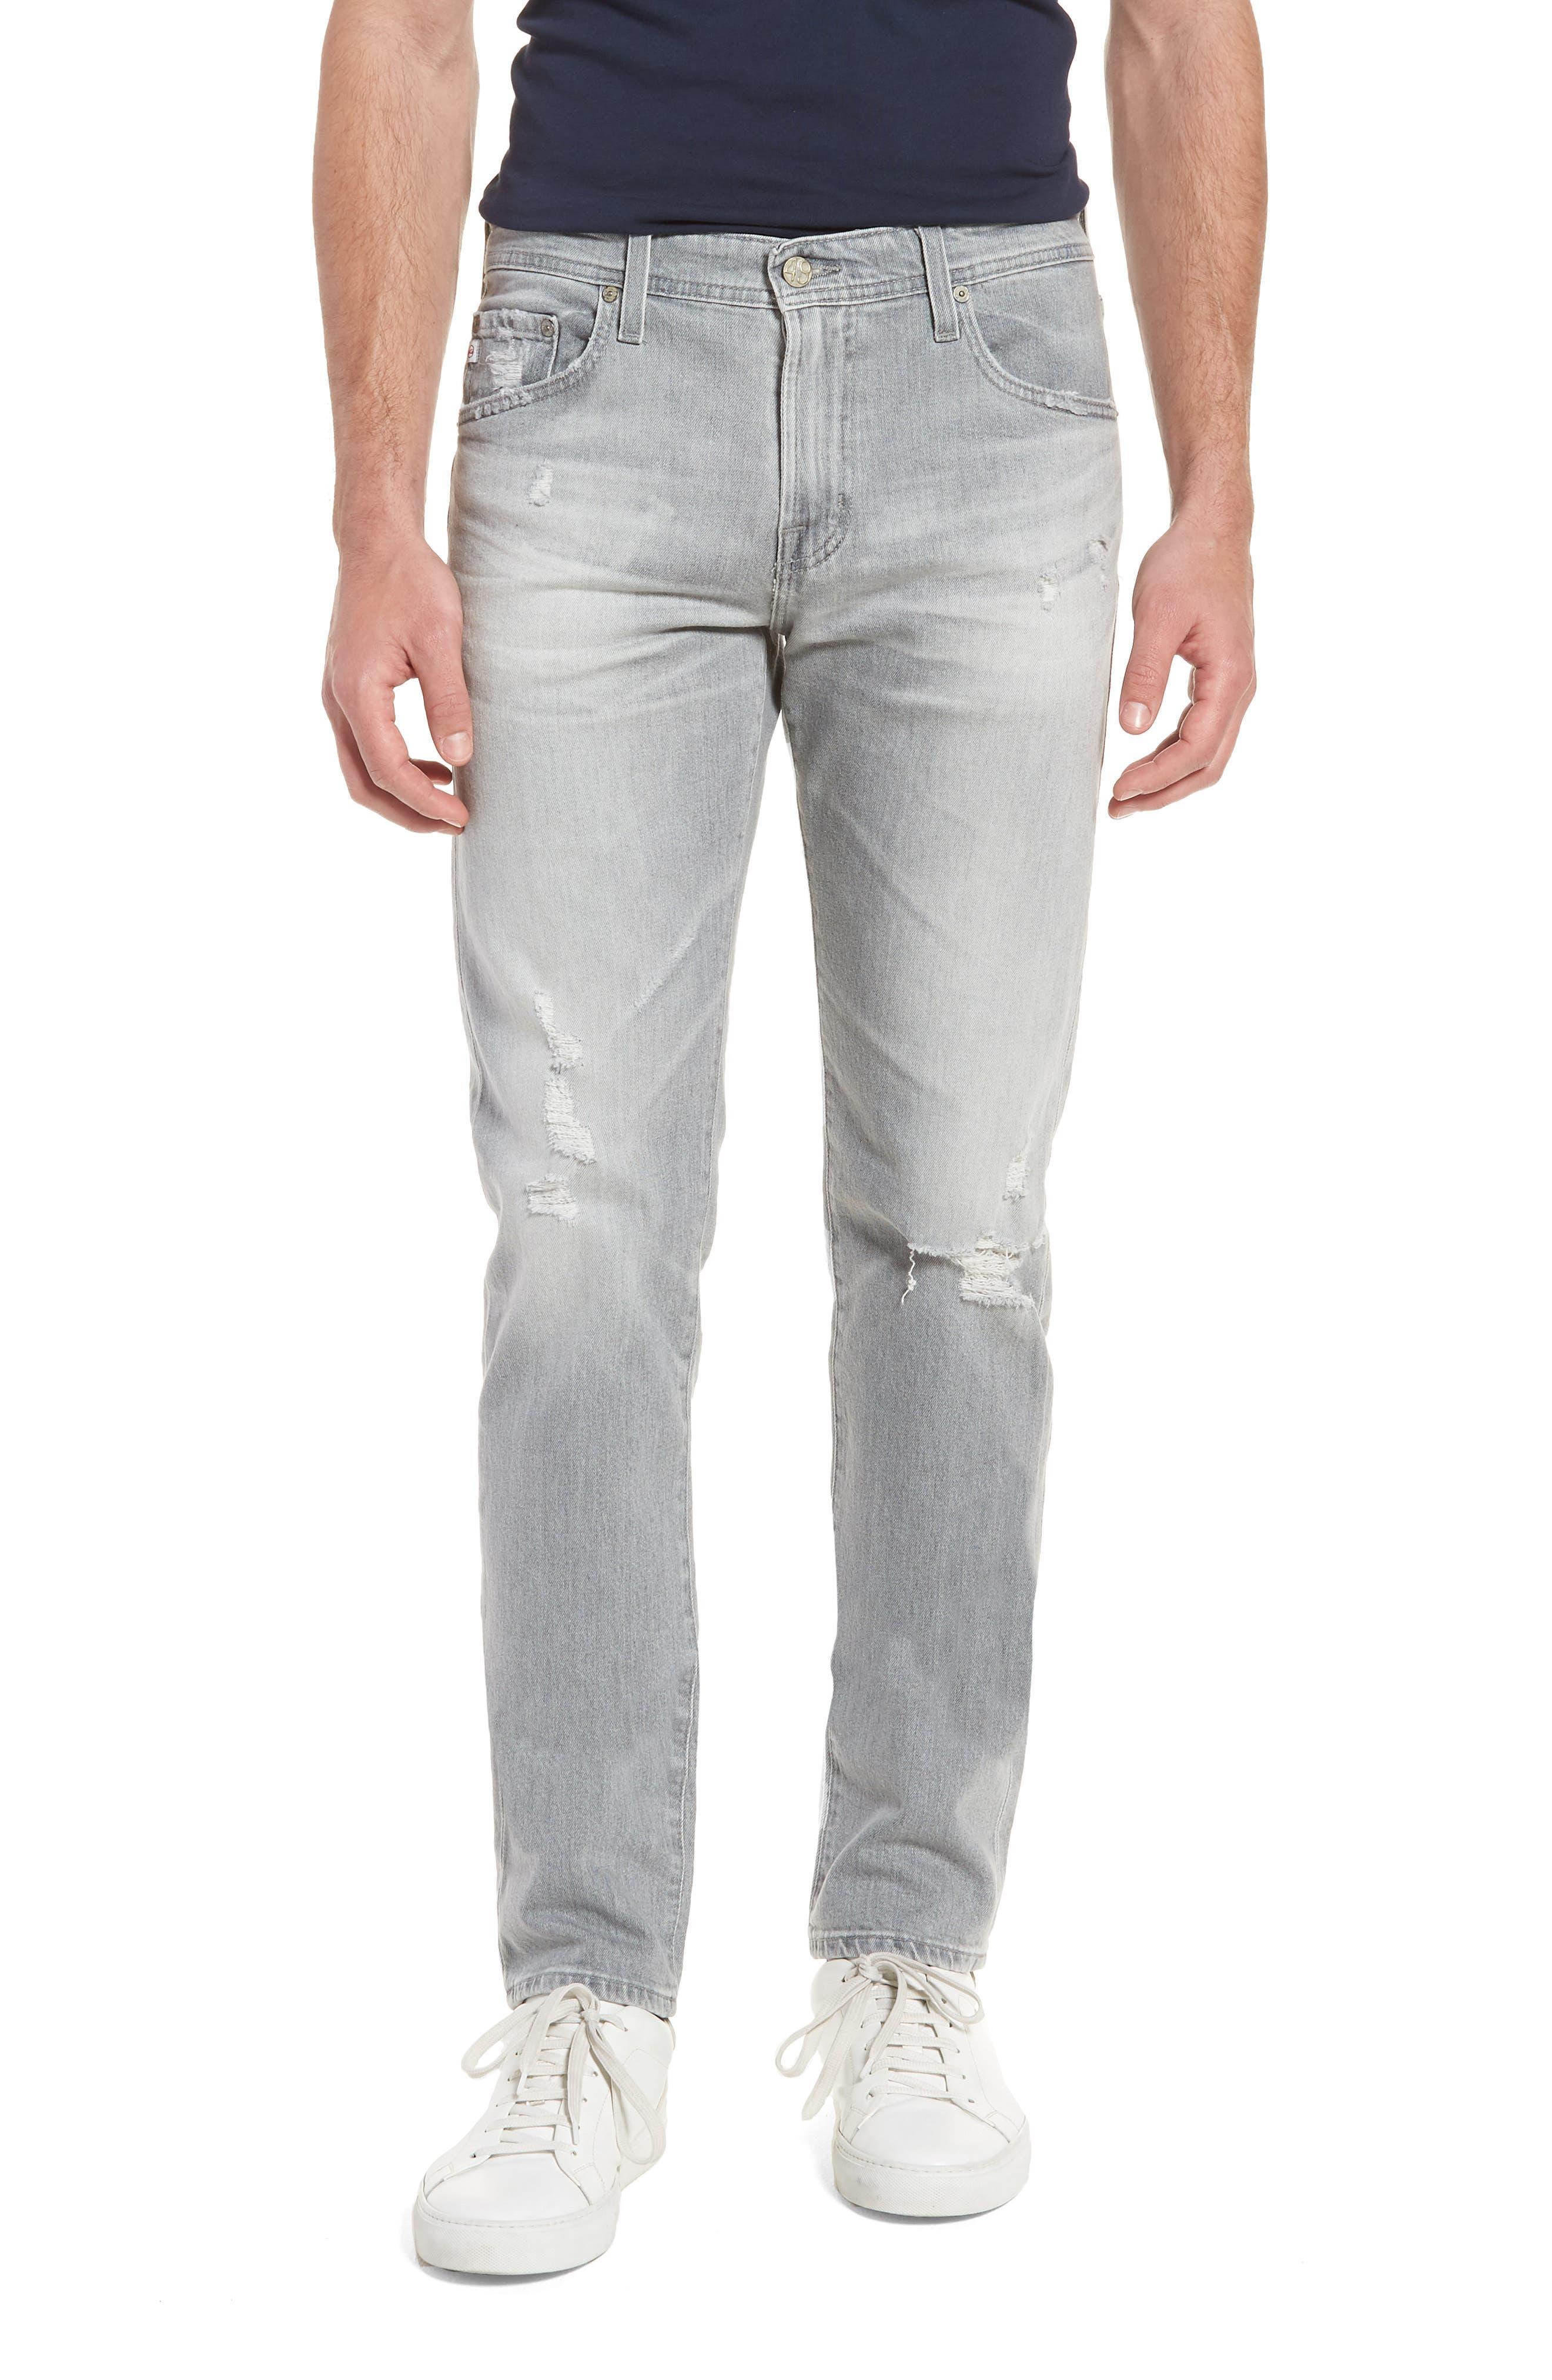 Tellis Slim Fit Jeans,                         Main,                         color, 21 Years Sketch